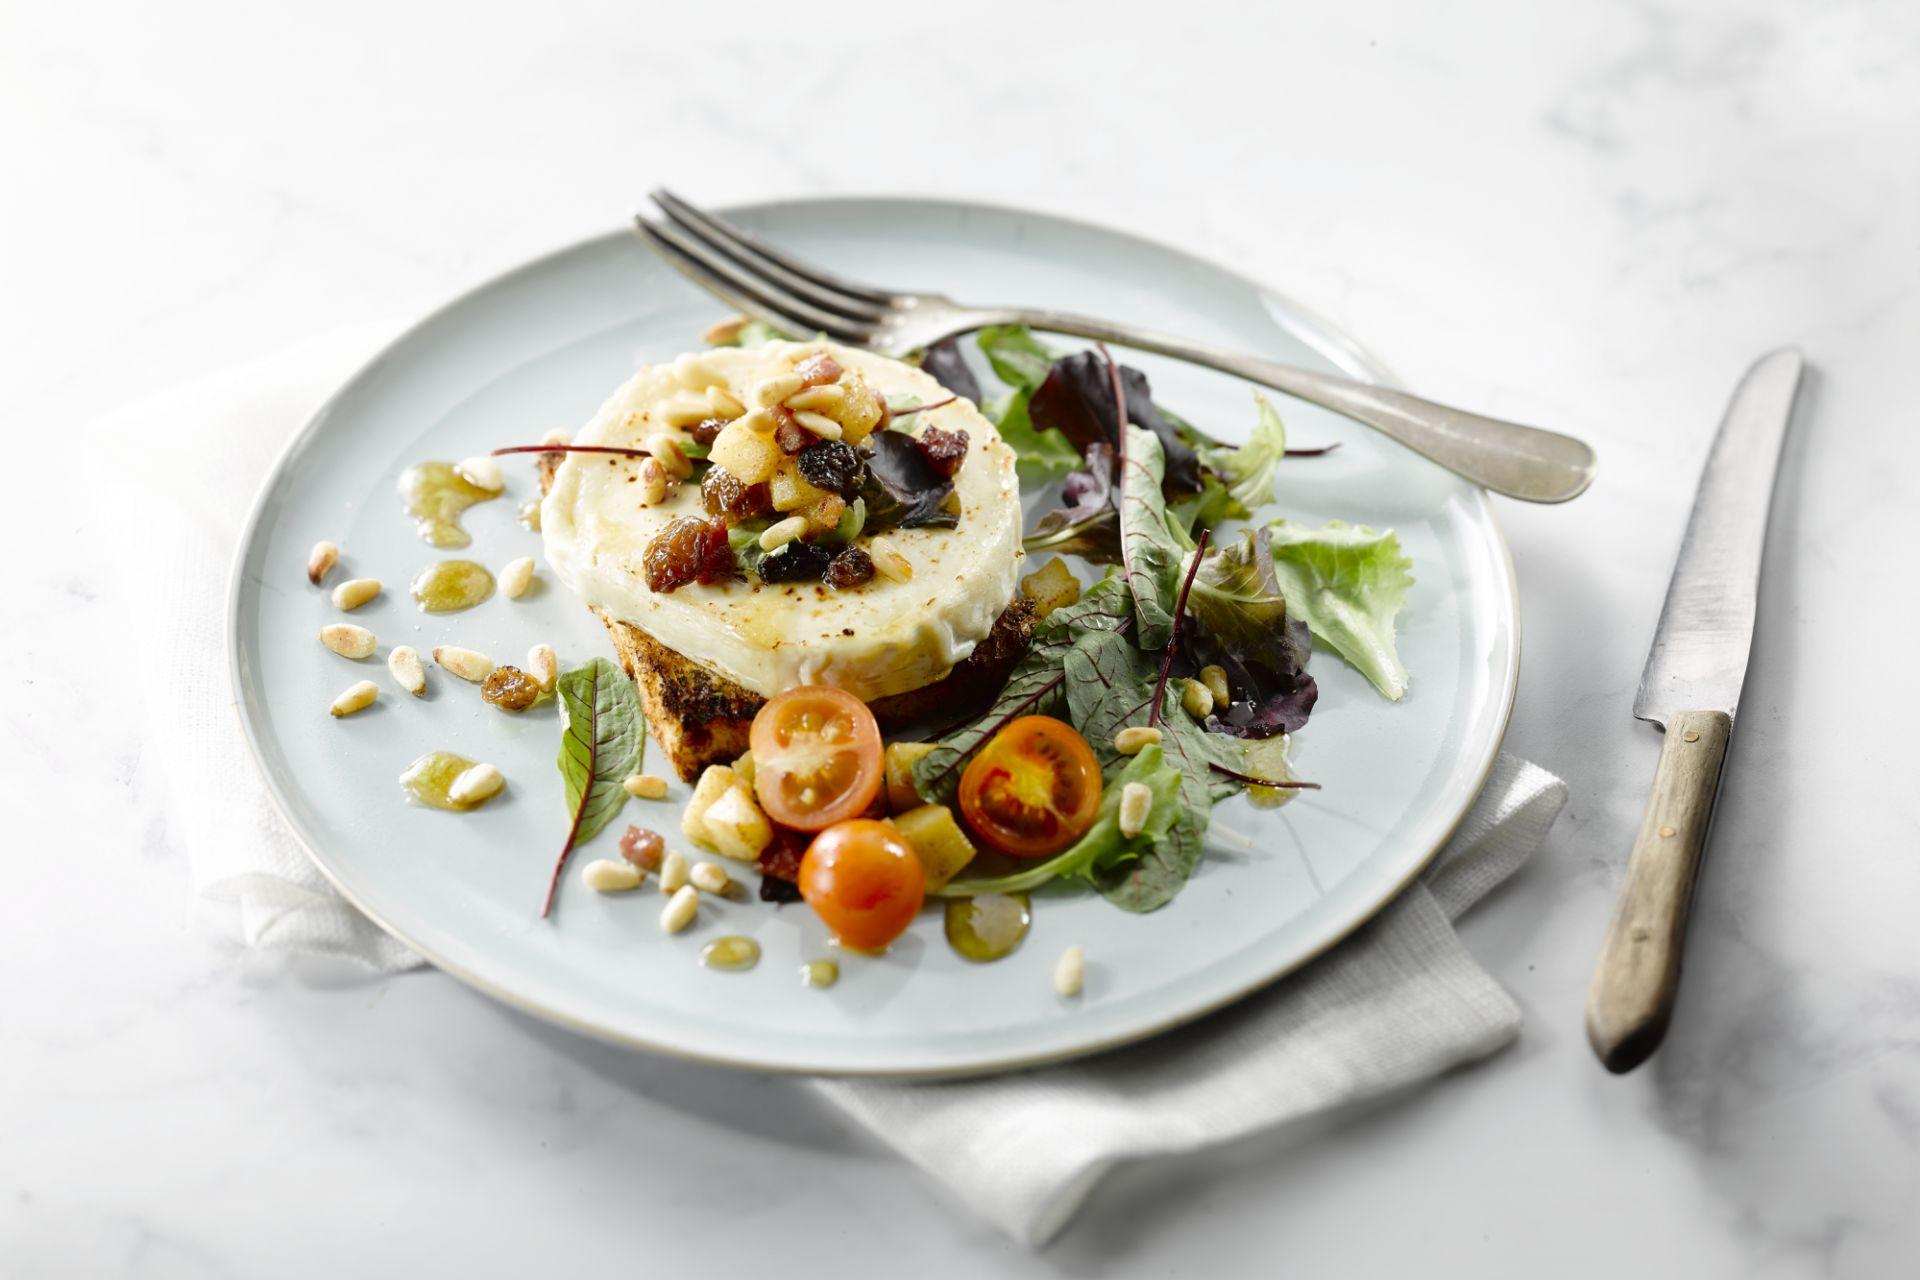 Salade van lauwe geitenkaas, spekjes en appel